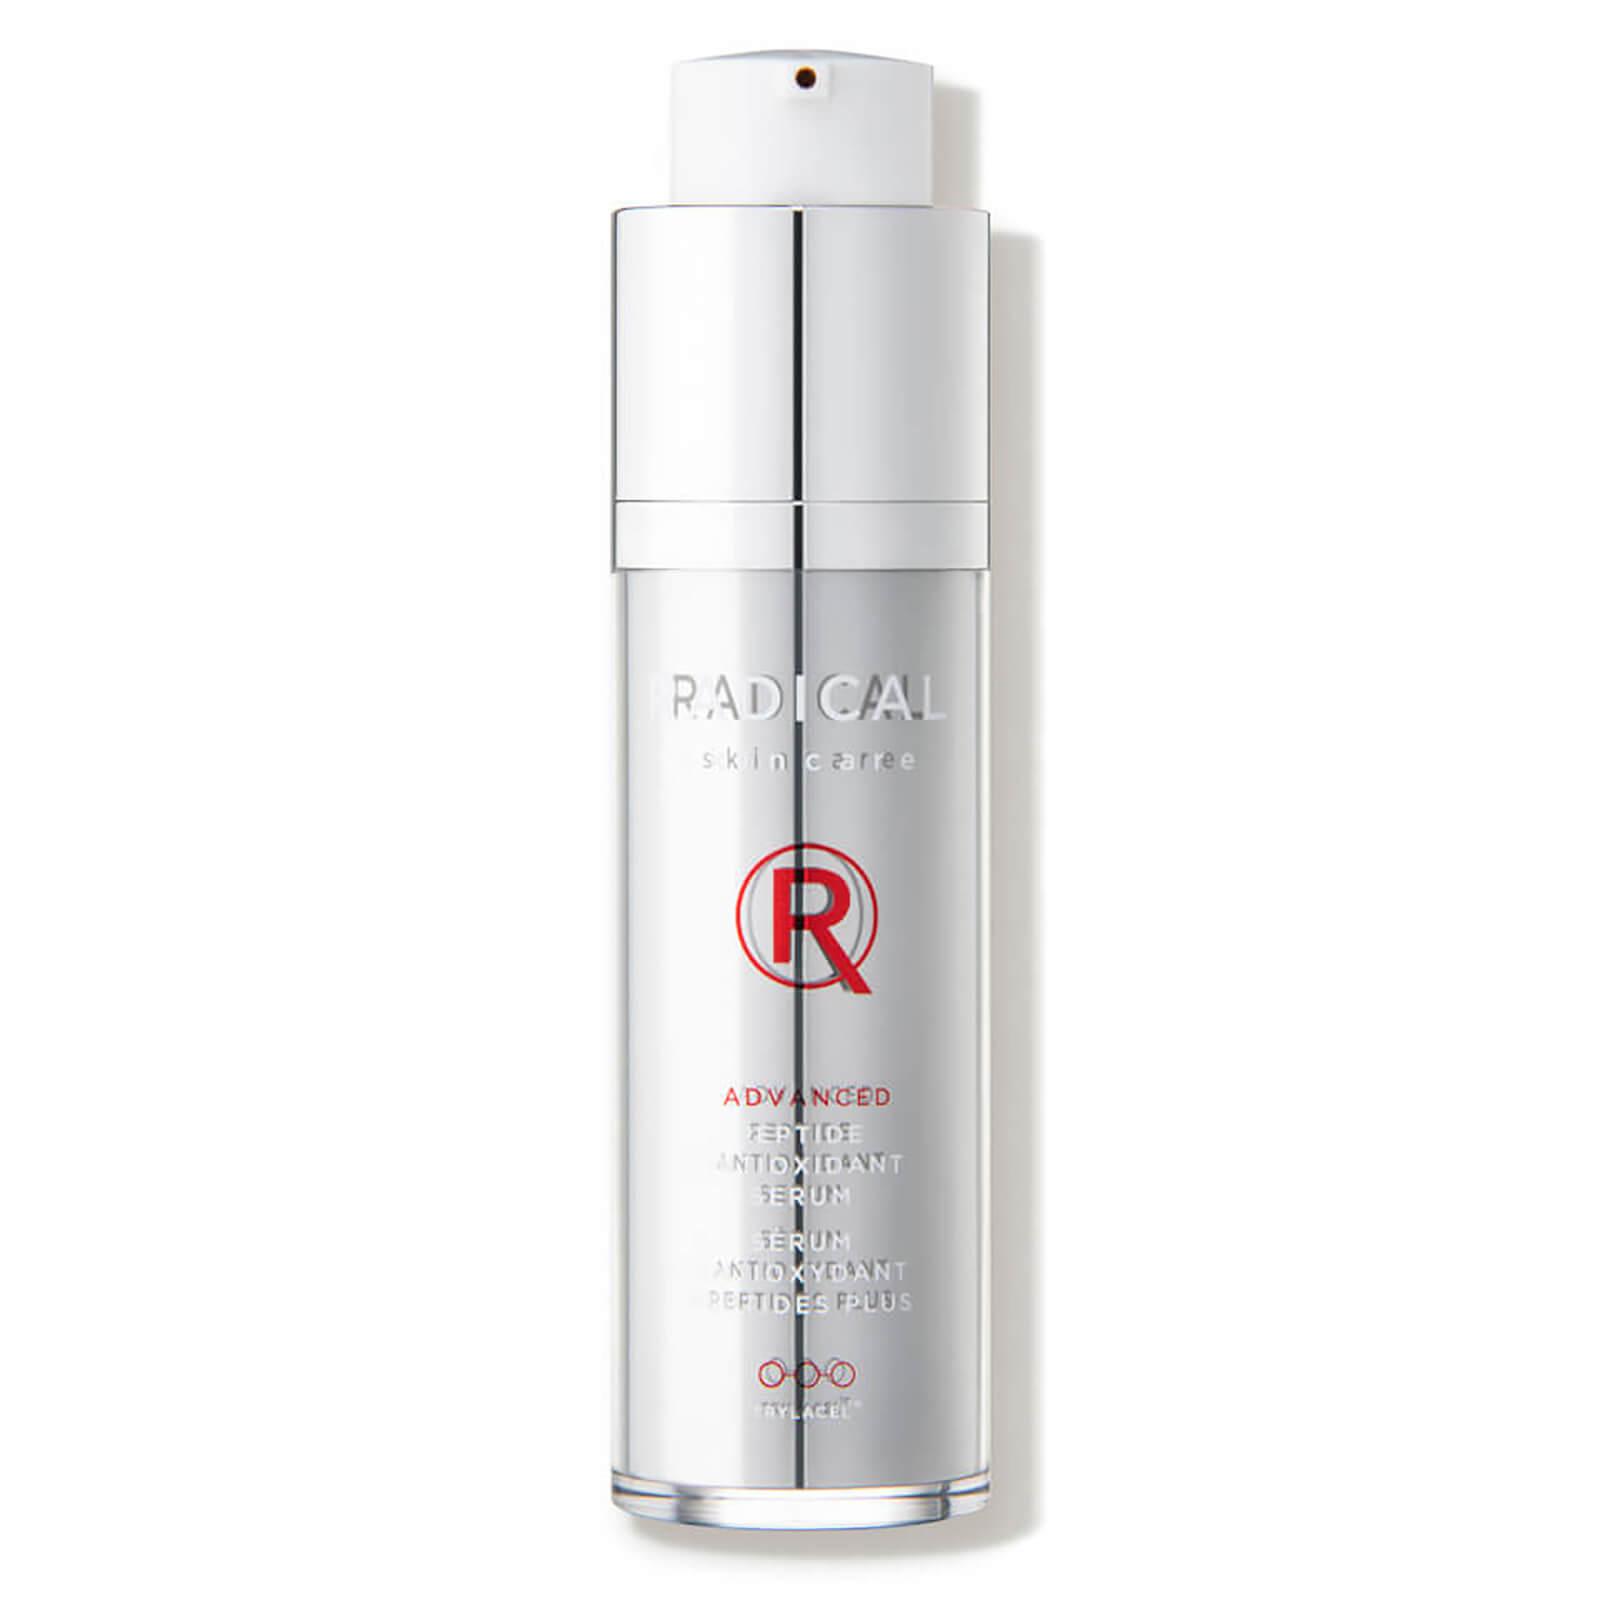 Radical Skincare siero avanzato antiossidante ai peptidi (30 ml)